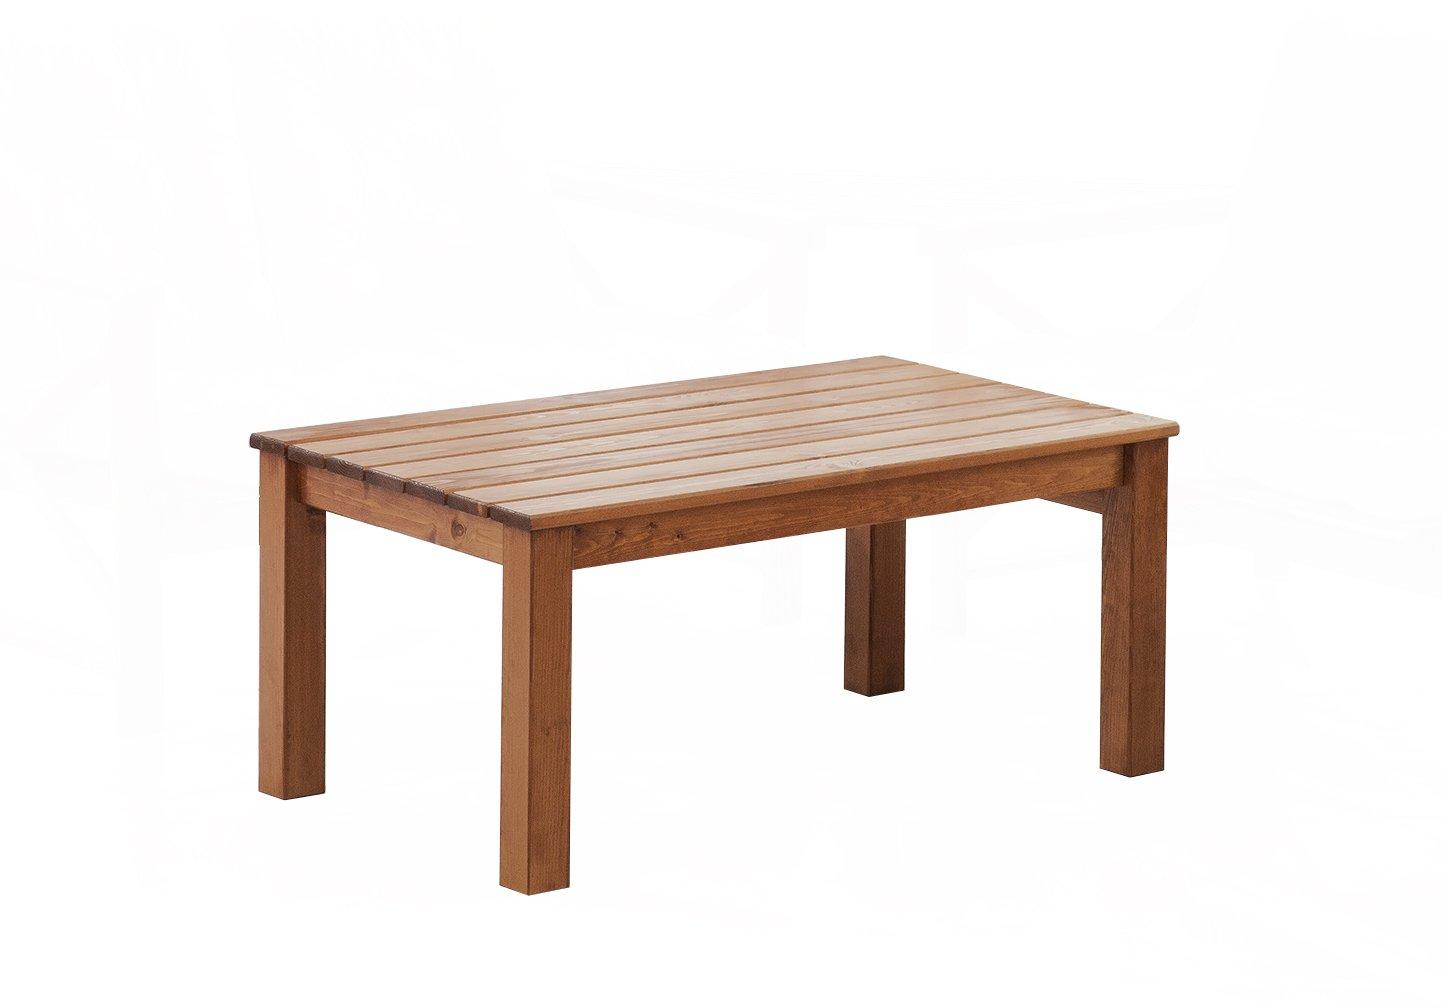 Ambientehome Loungetisch OSLO, 110 x 67 x 50 cm, braun jetzt kaufen